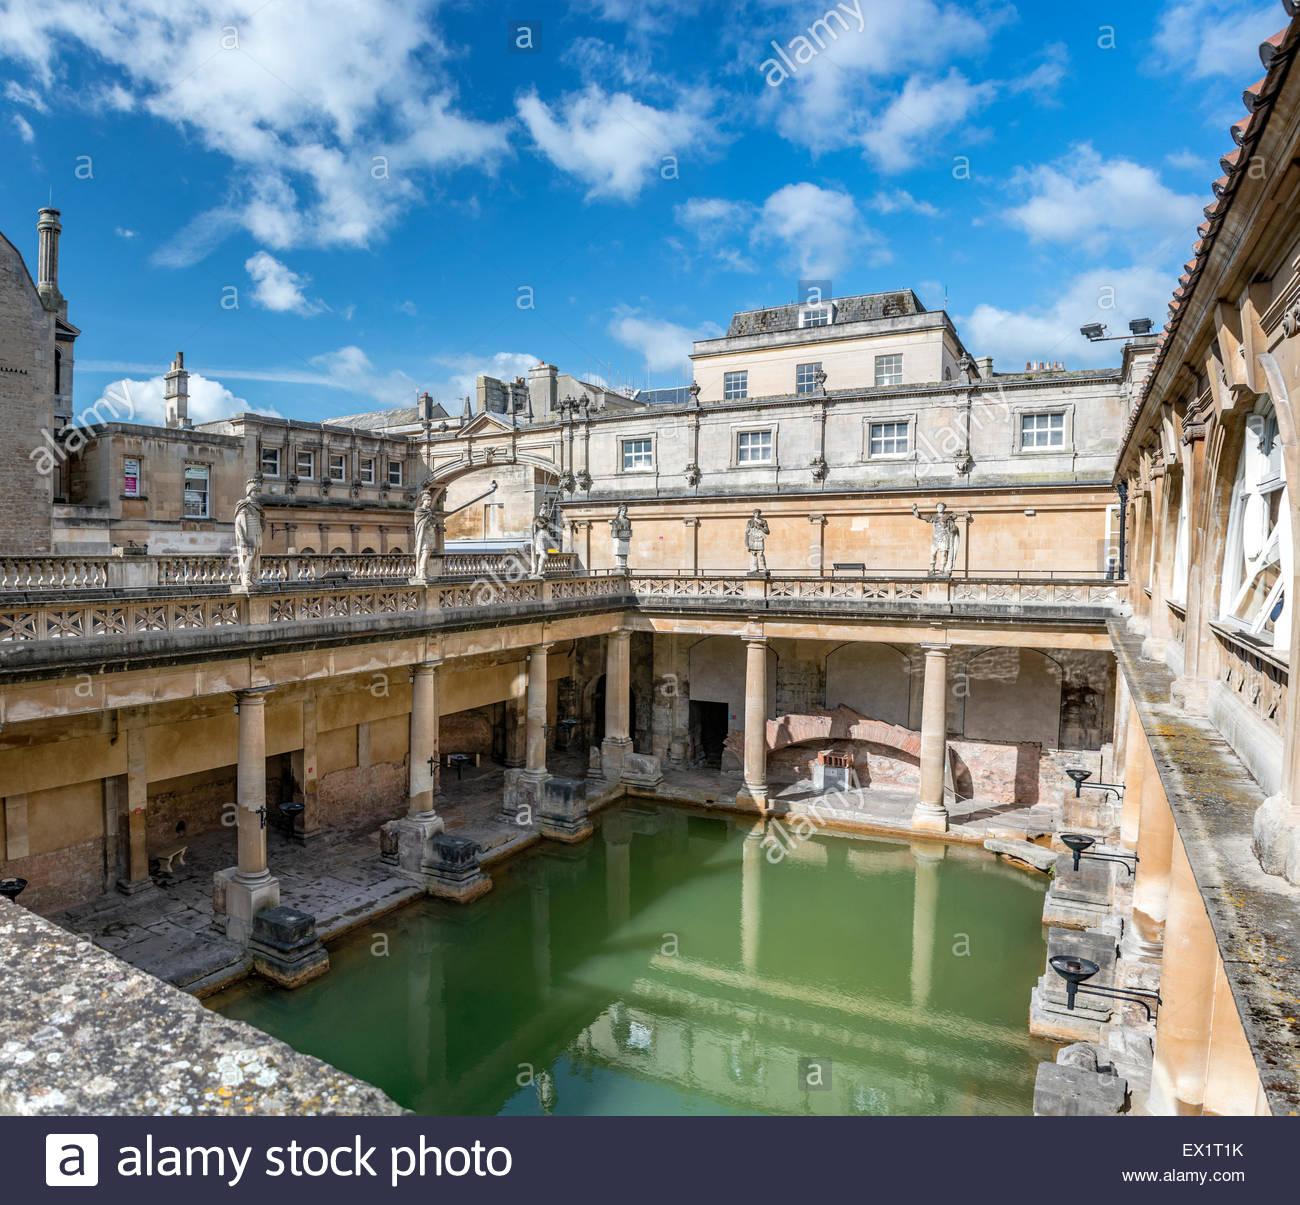 I Bagni Romani complessa, un sito di interesse storico nella città inglese di Bath, Somerset, Inghilterra. Foto Stock